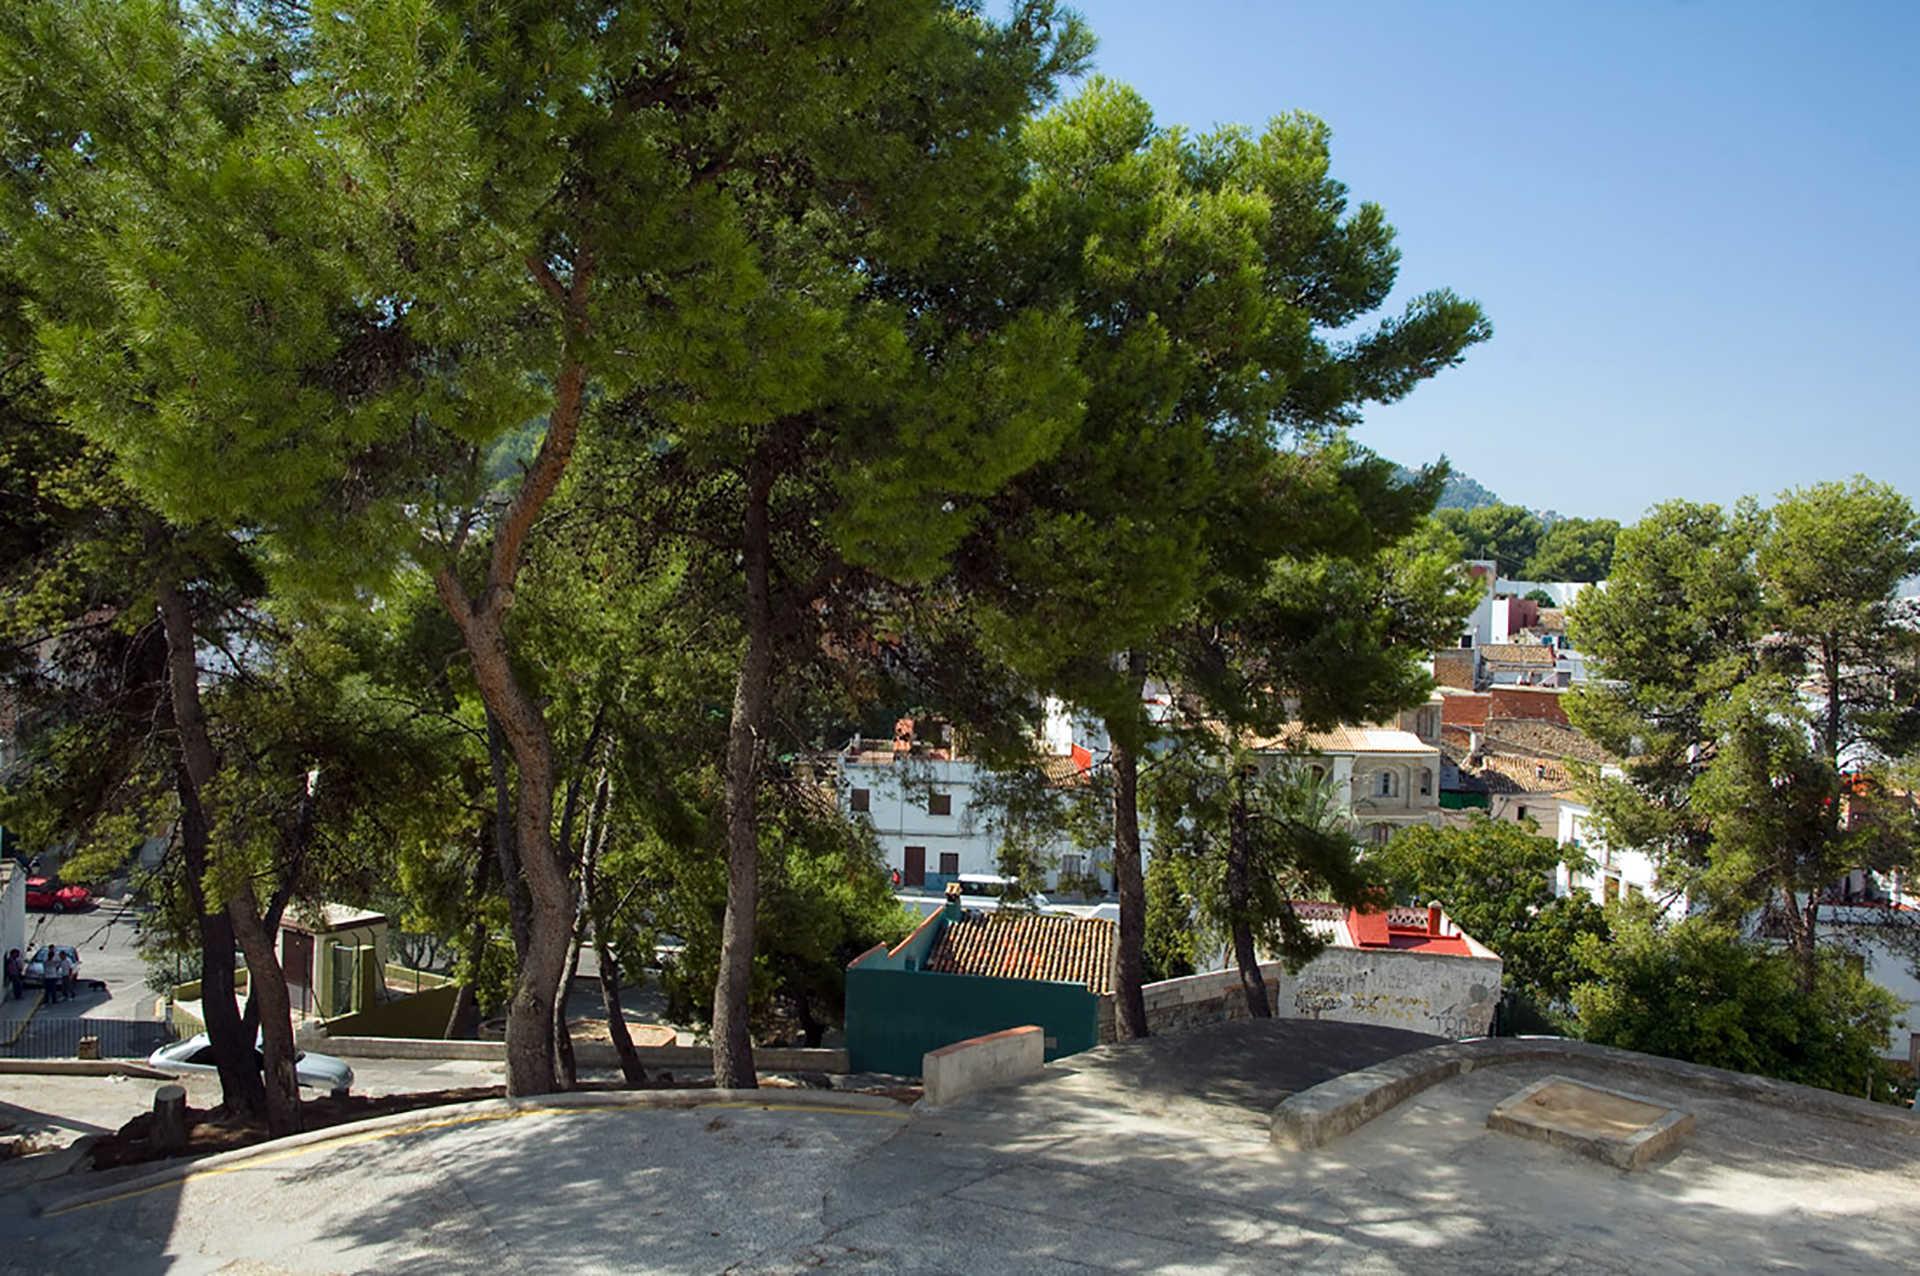 Vista Hermosa Square